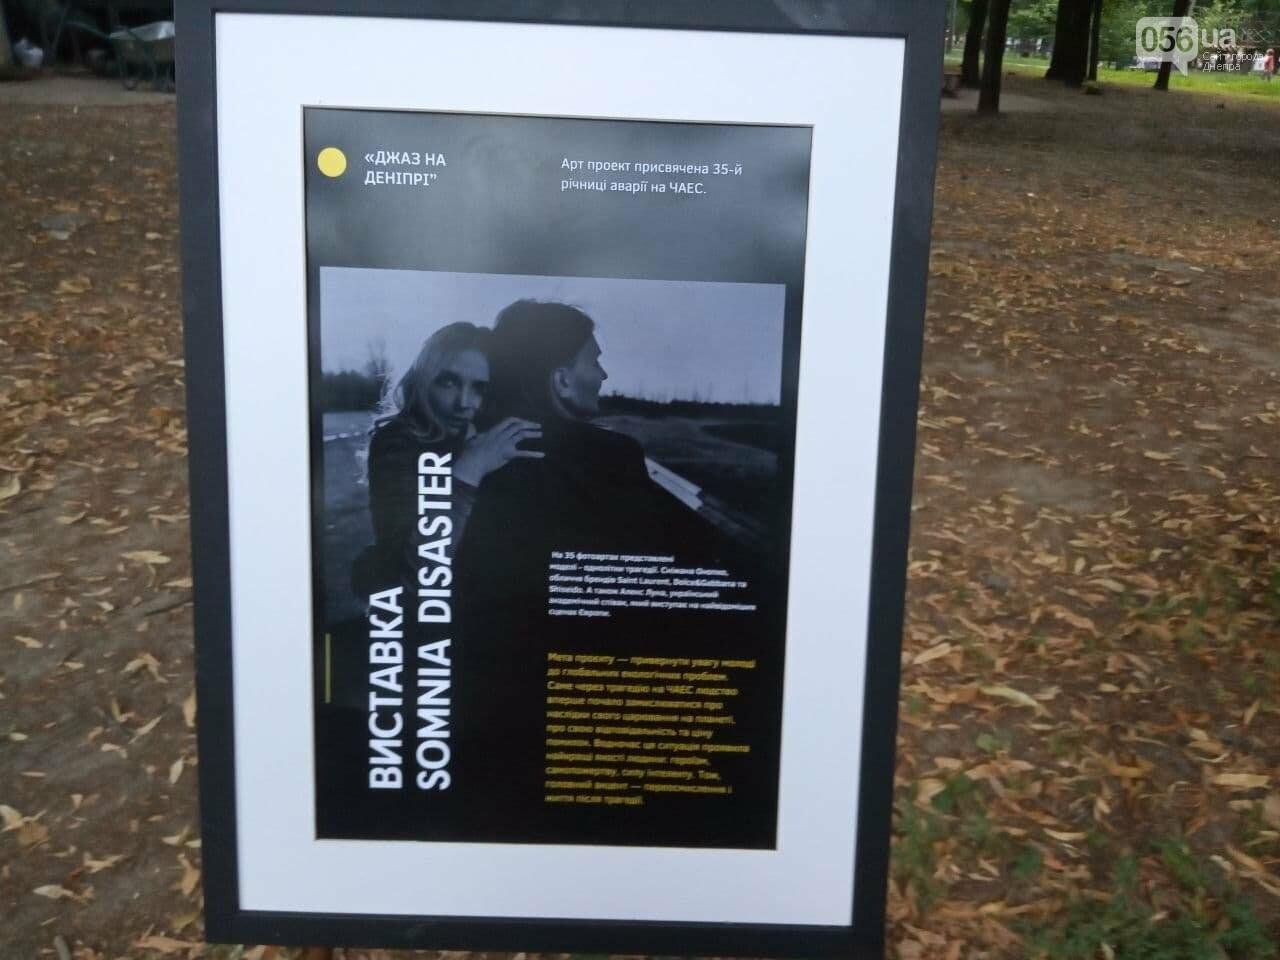 В Днепре по всей территории парка Шевченко звучит музыка нон-стоп, - ФОТО, ВИДЕО, фото-40